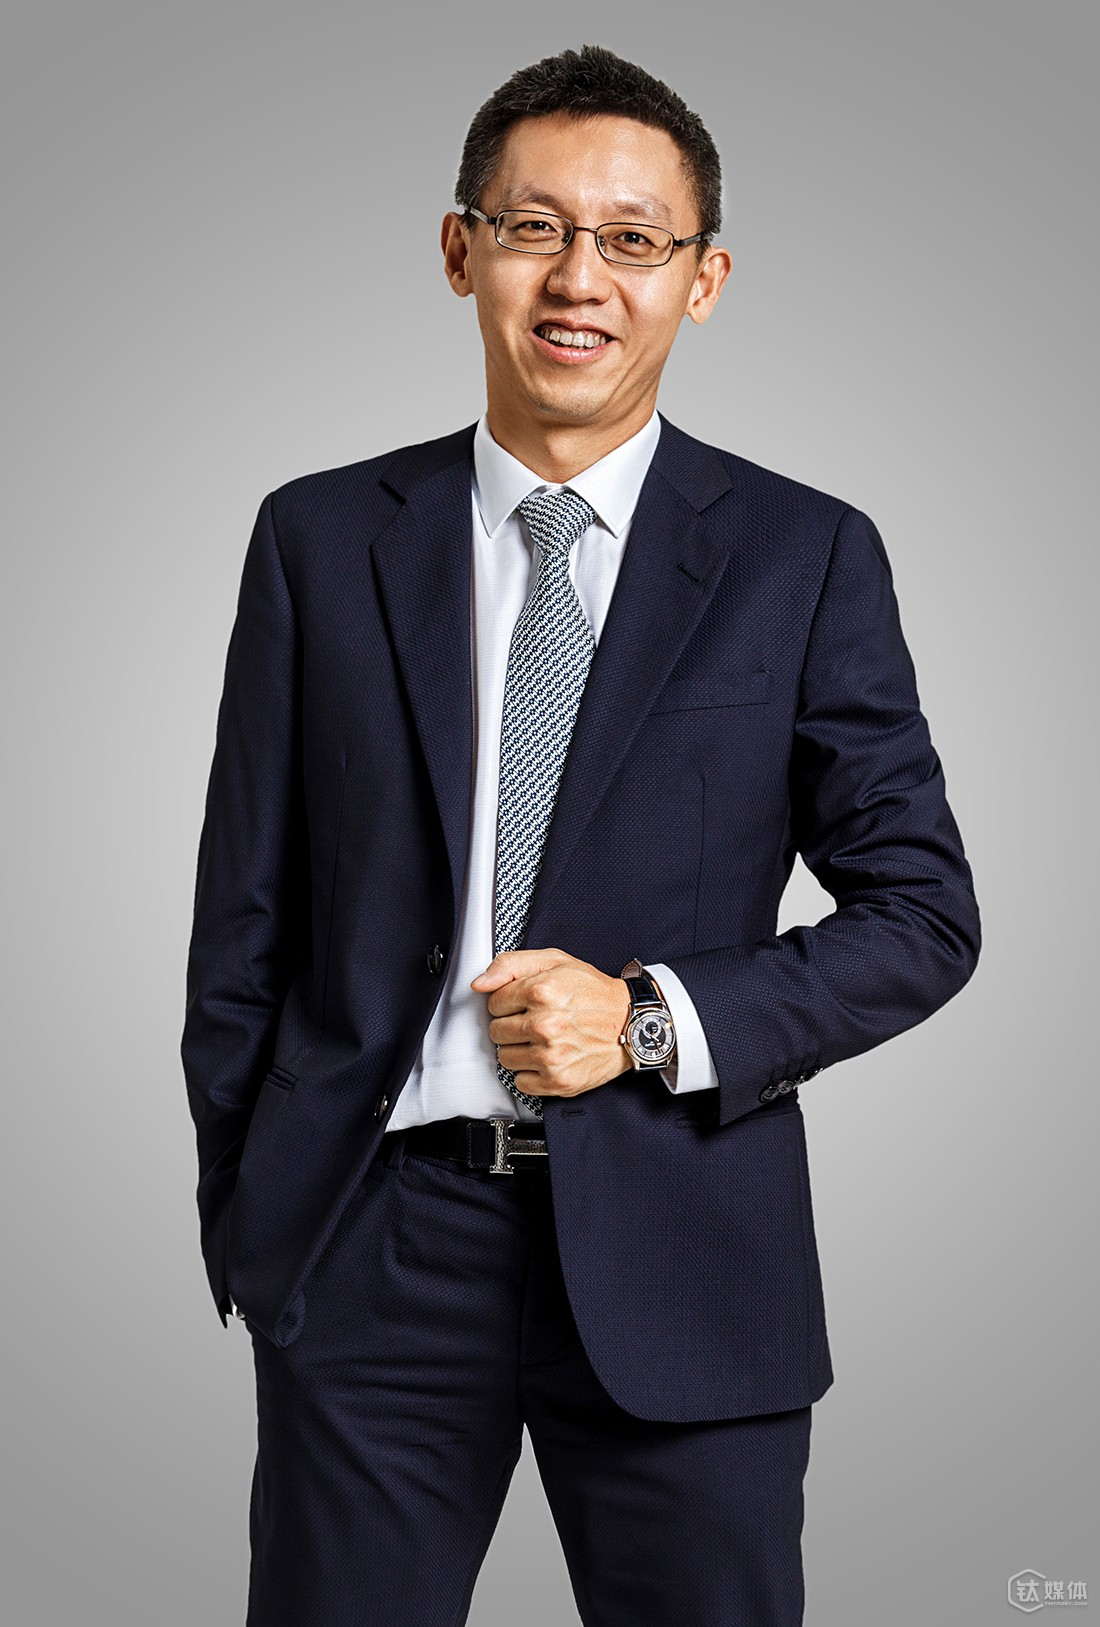 三七互娱总经理李逸飞